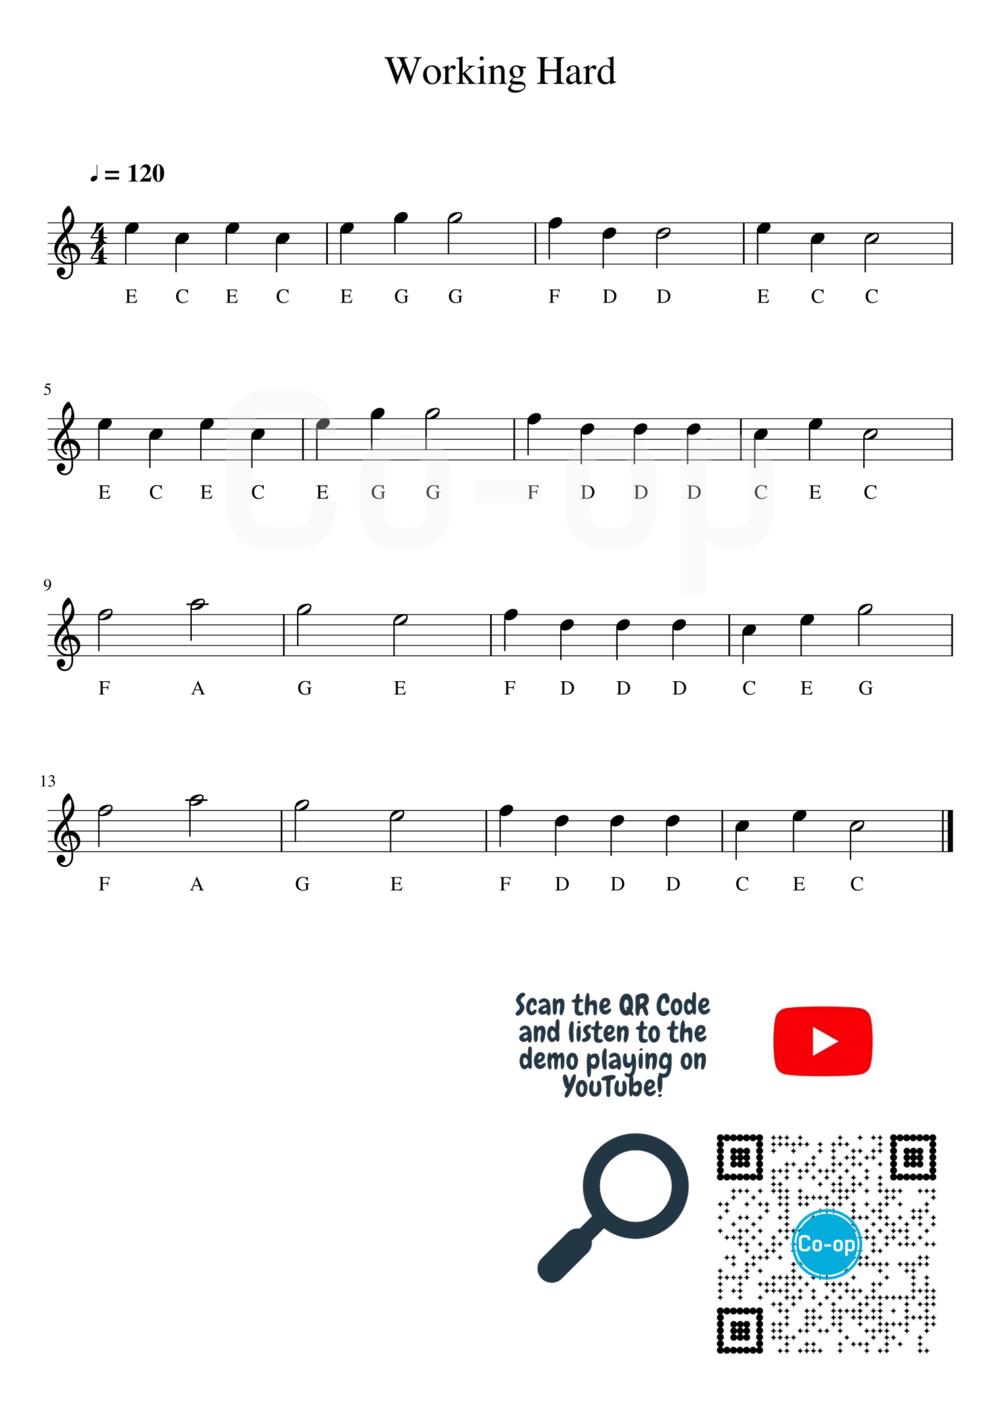 Working Hard | Solfege Notation | Free Sheet Music